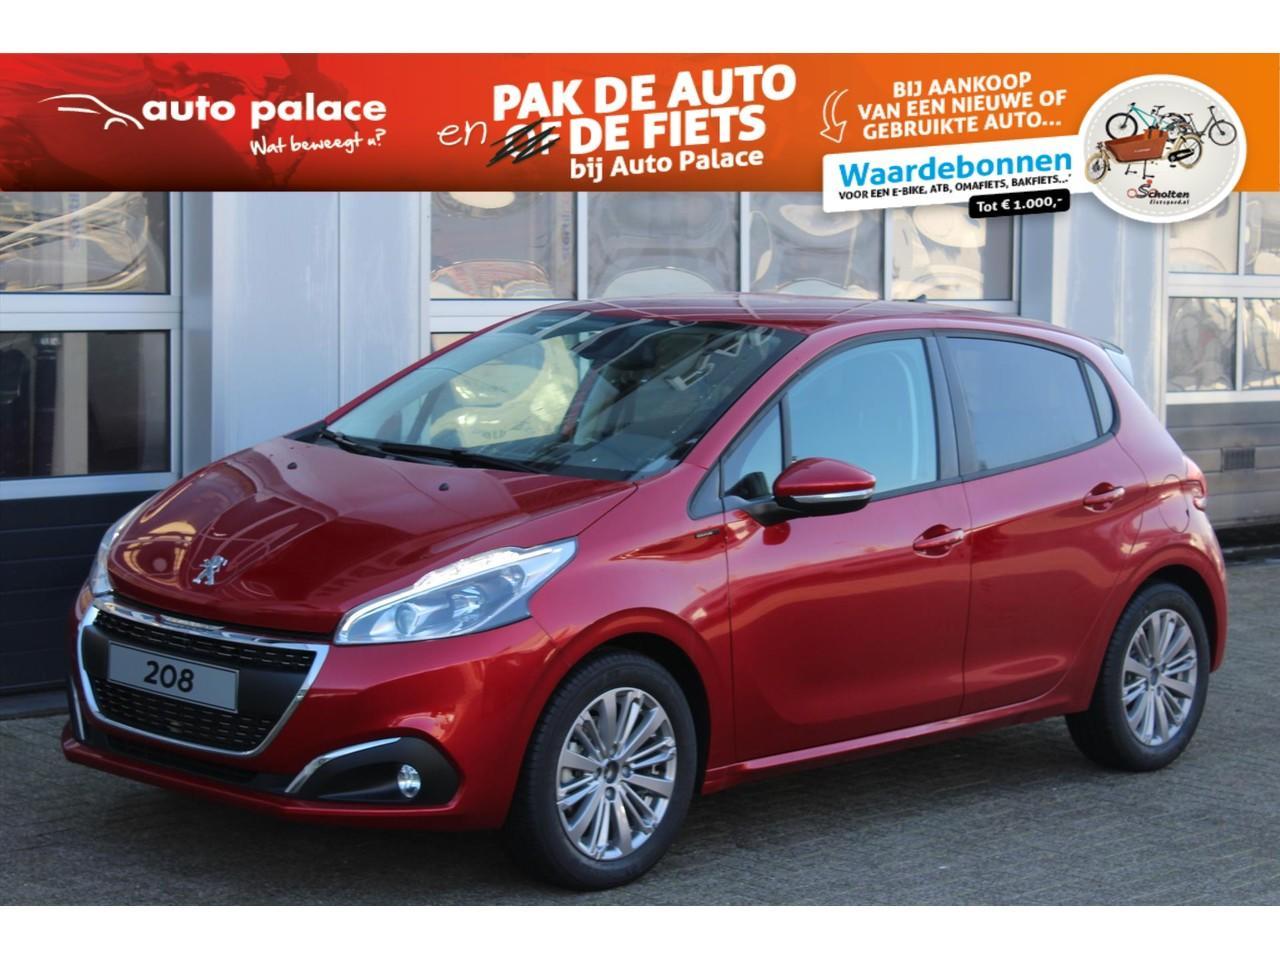 Peugeot 208 Signature 1.2 puretech 110pk netto deal